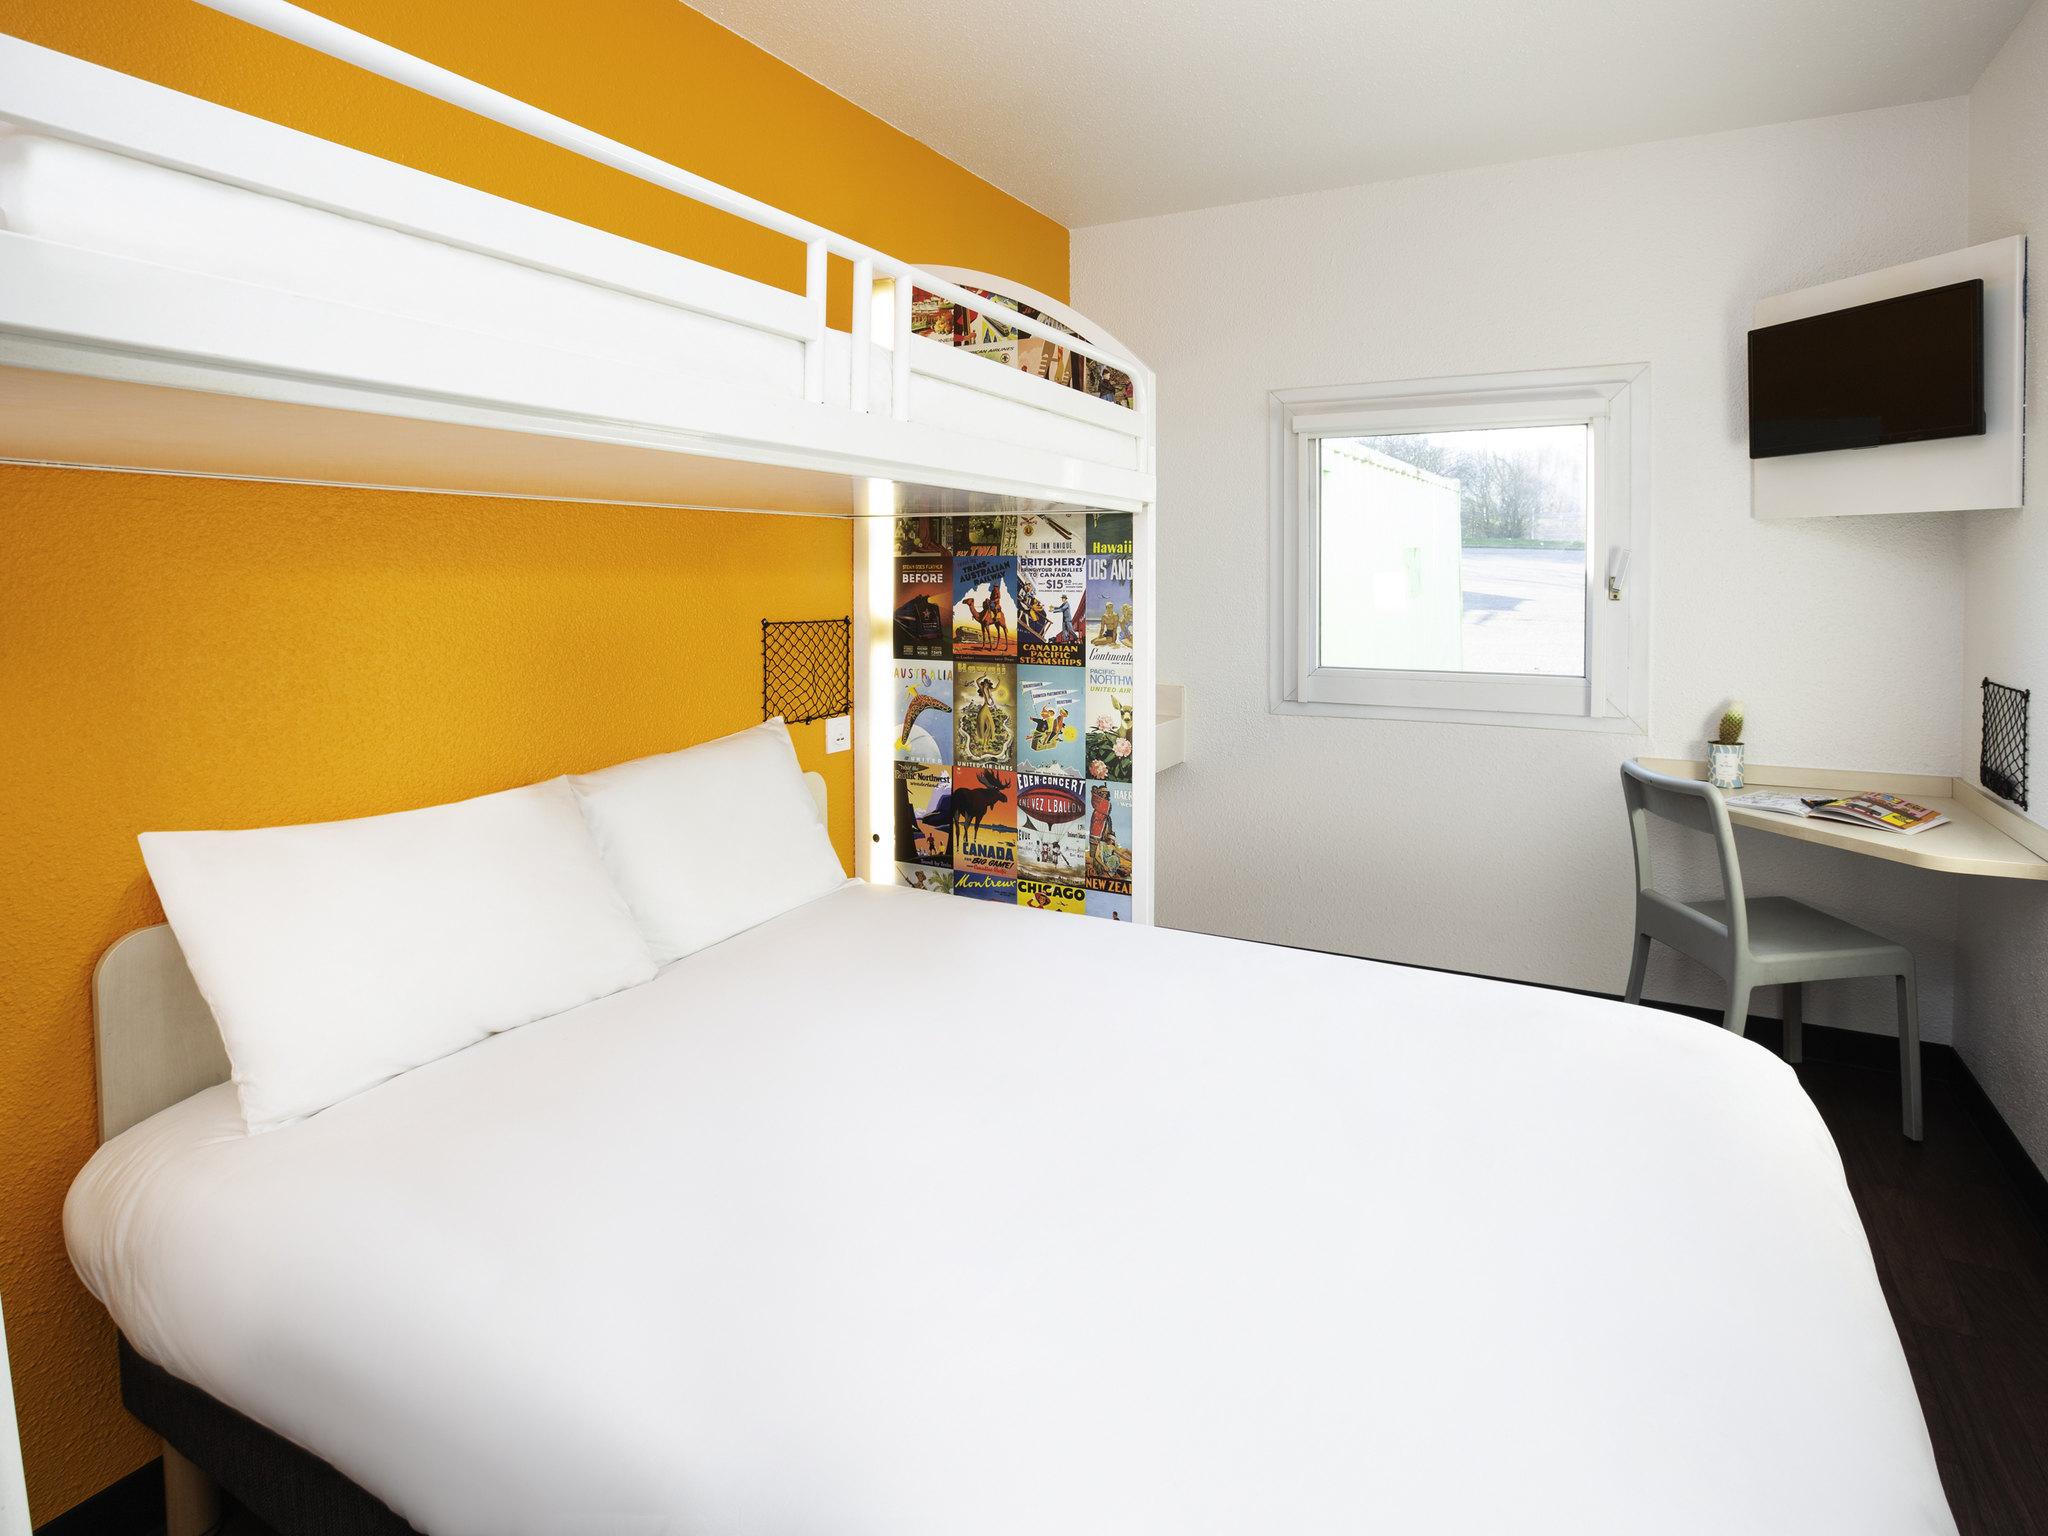 Hôtel - hotelF1 Saverne Monswiller